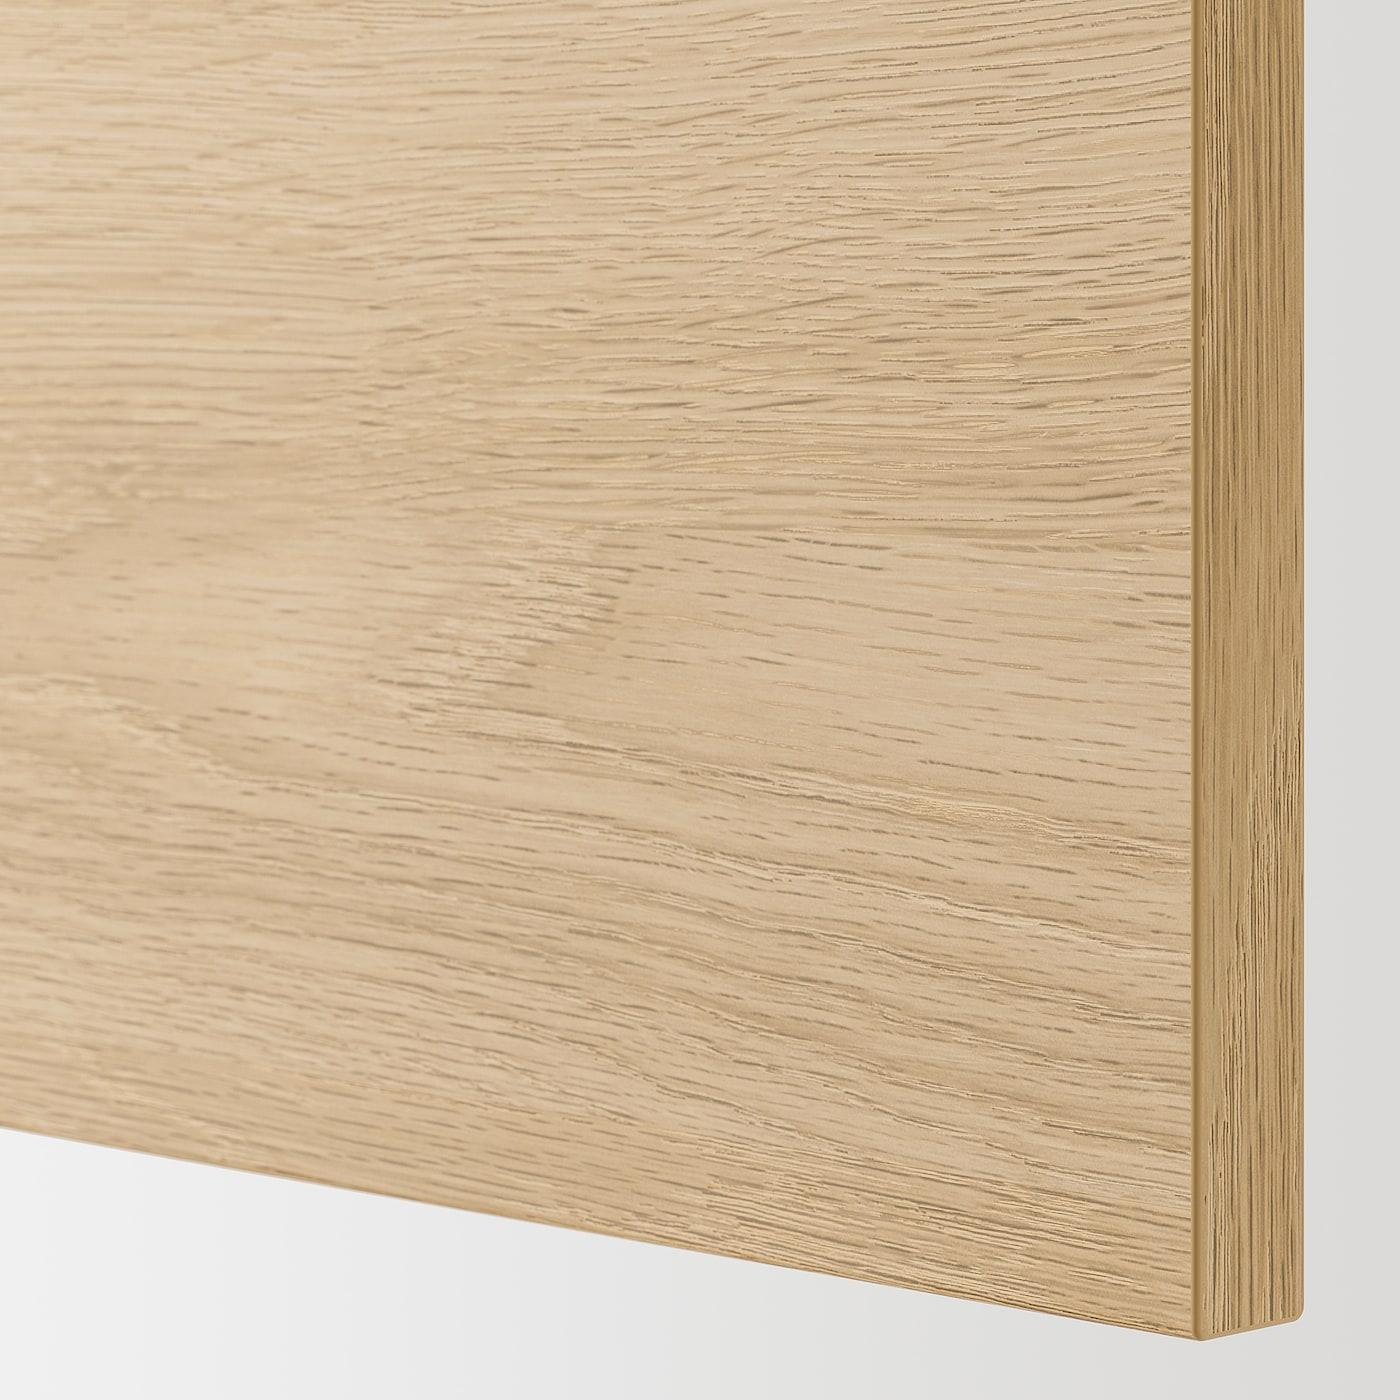 ENHET Vægsk 2 hyld/låge, hvid/egetræsmønstret, 60x32x75 cm